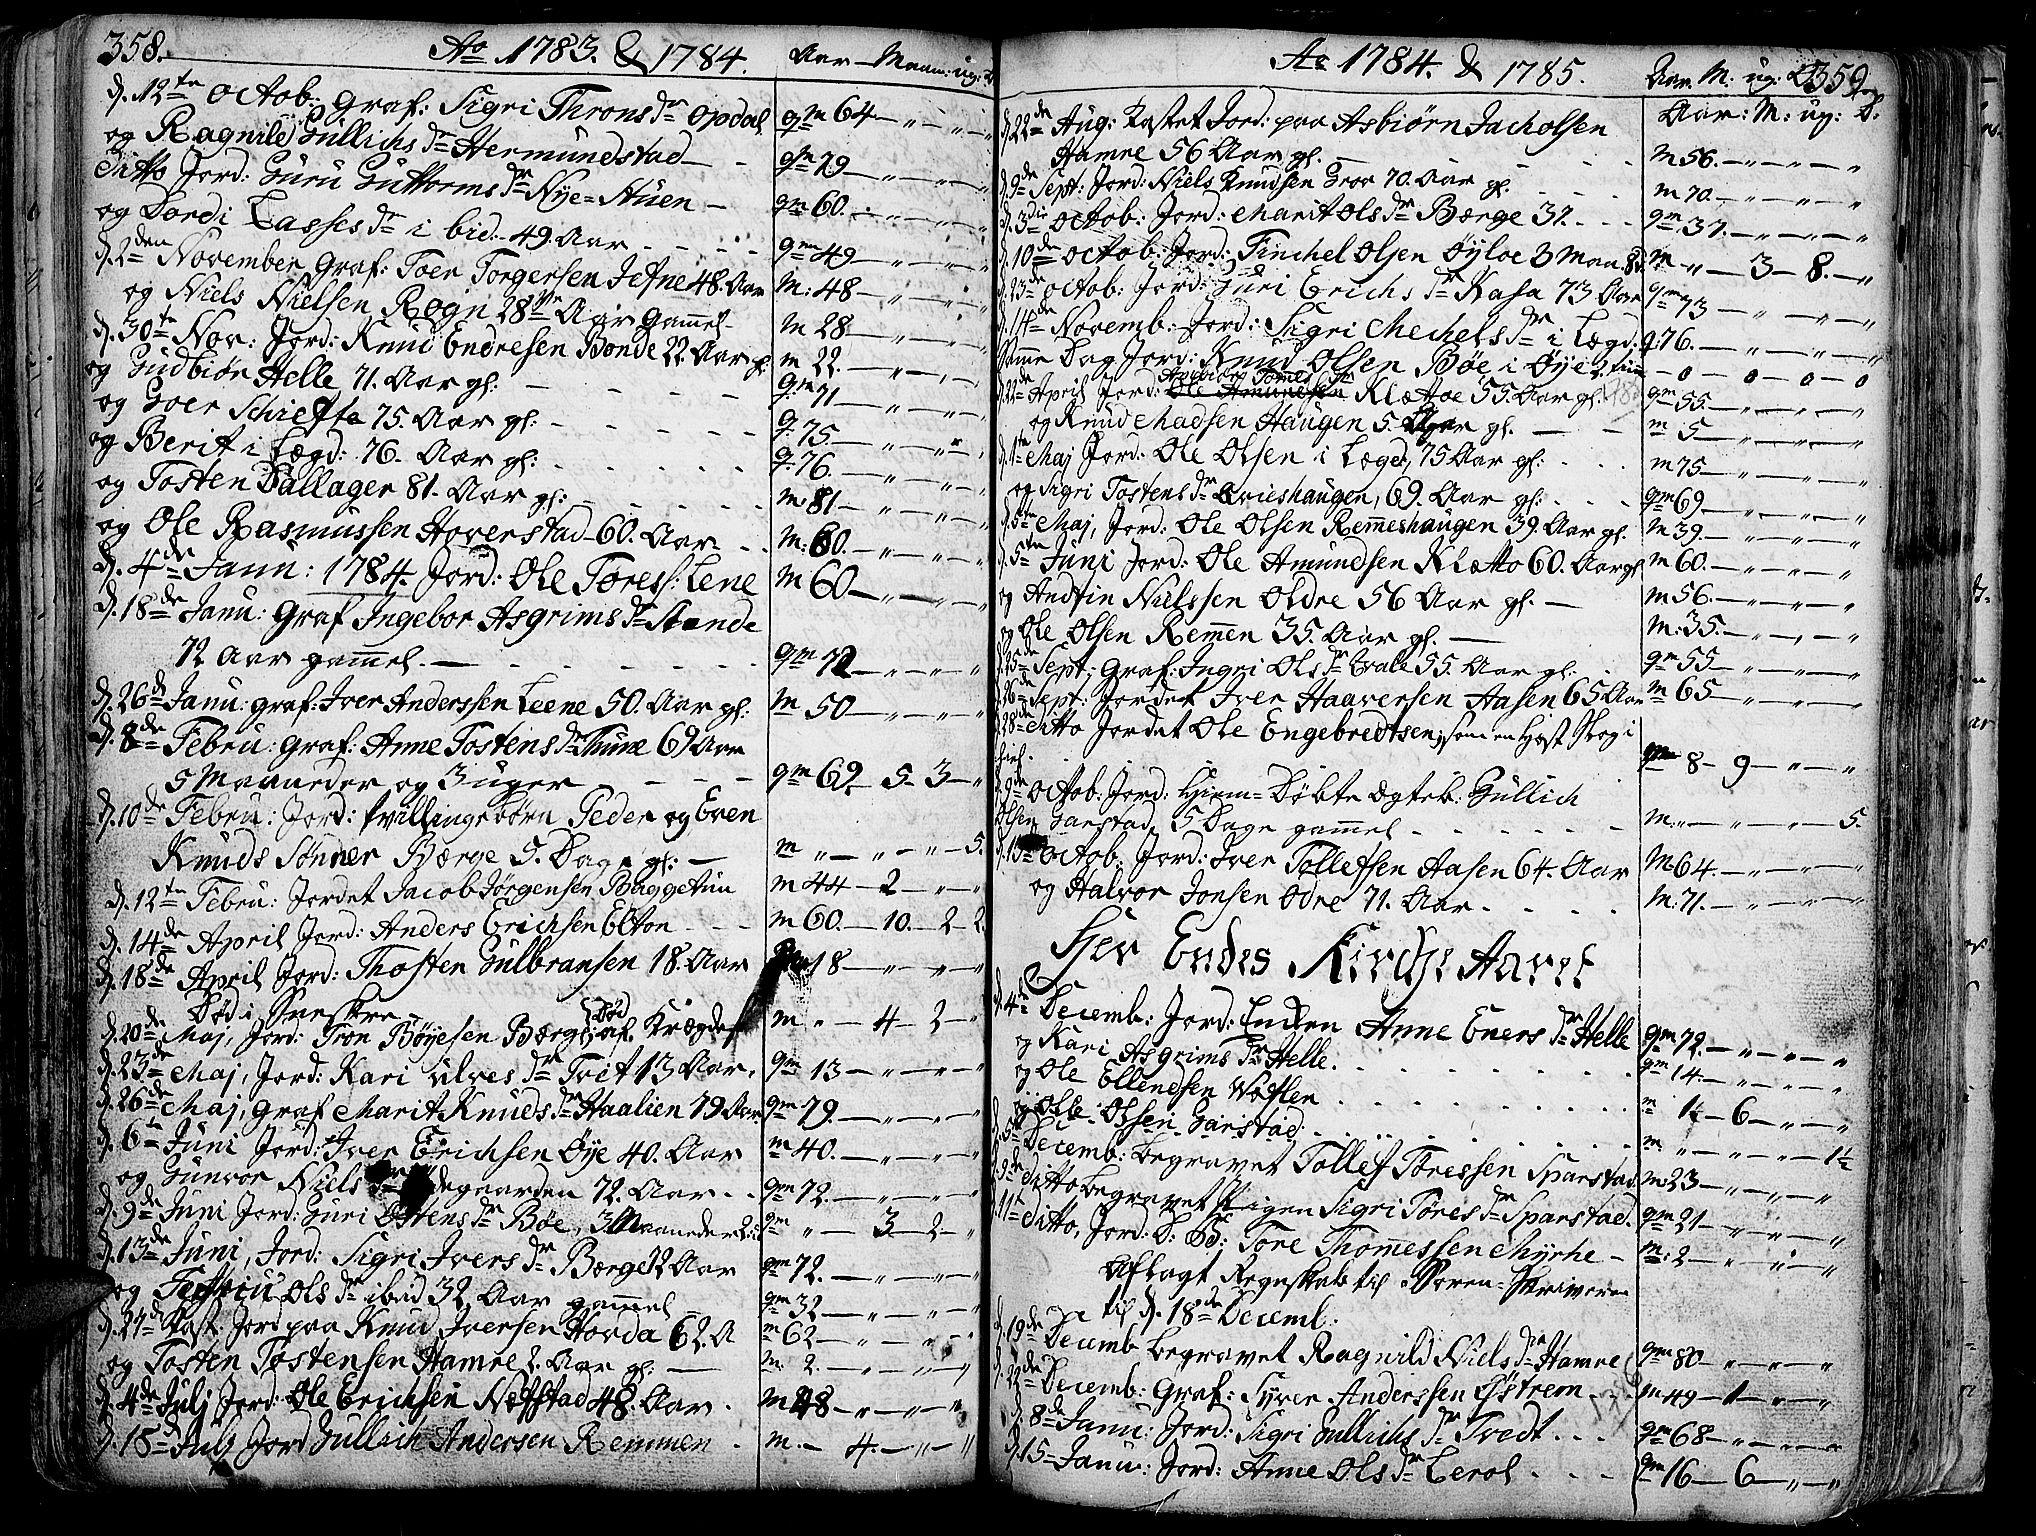 SAH, Vang prestekontor, Valdres, Ministerialbok nr. 1, 1730-1796, s. 358-359